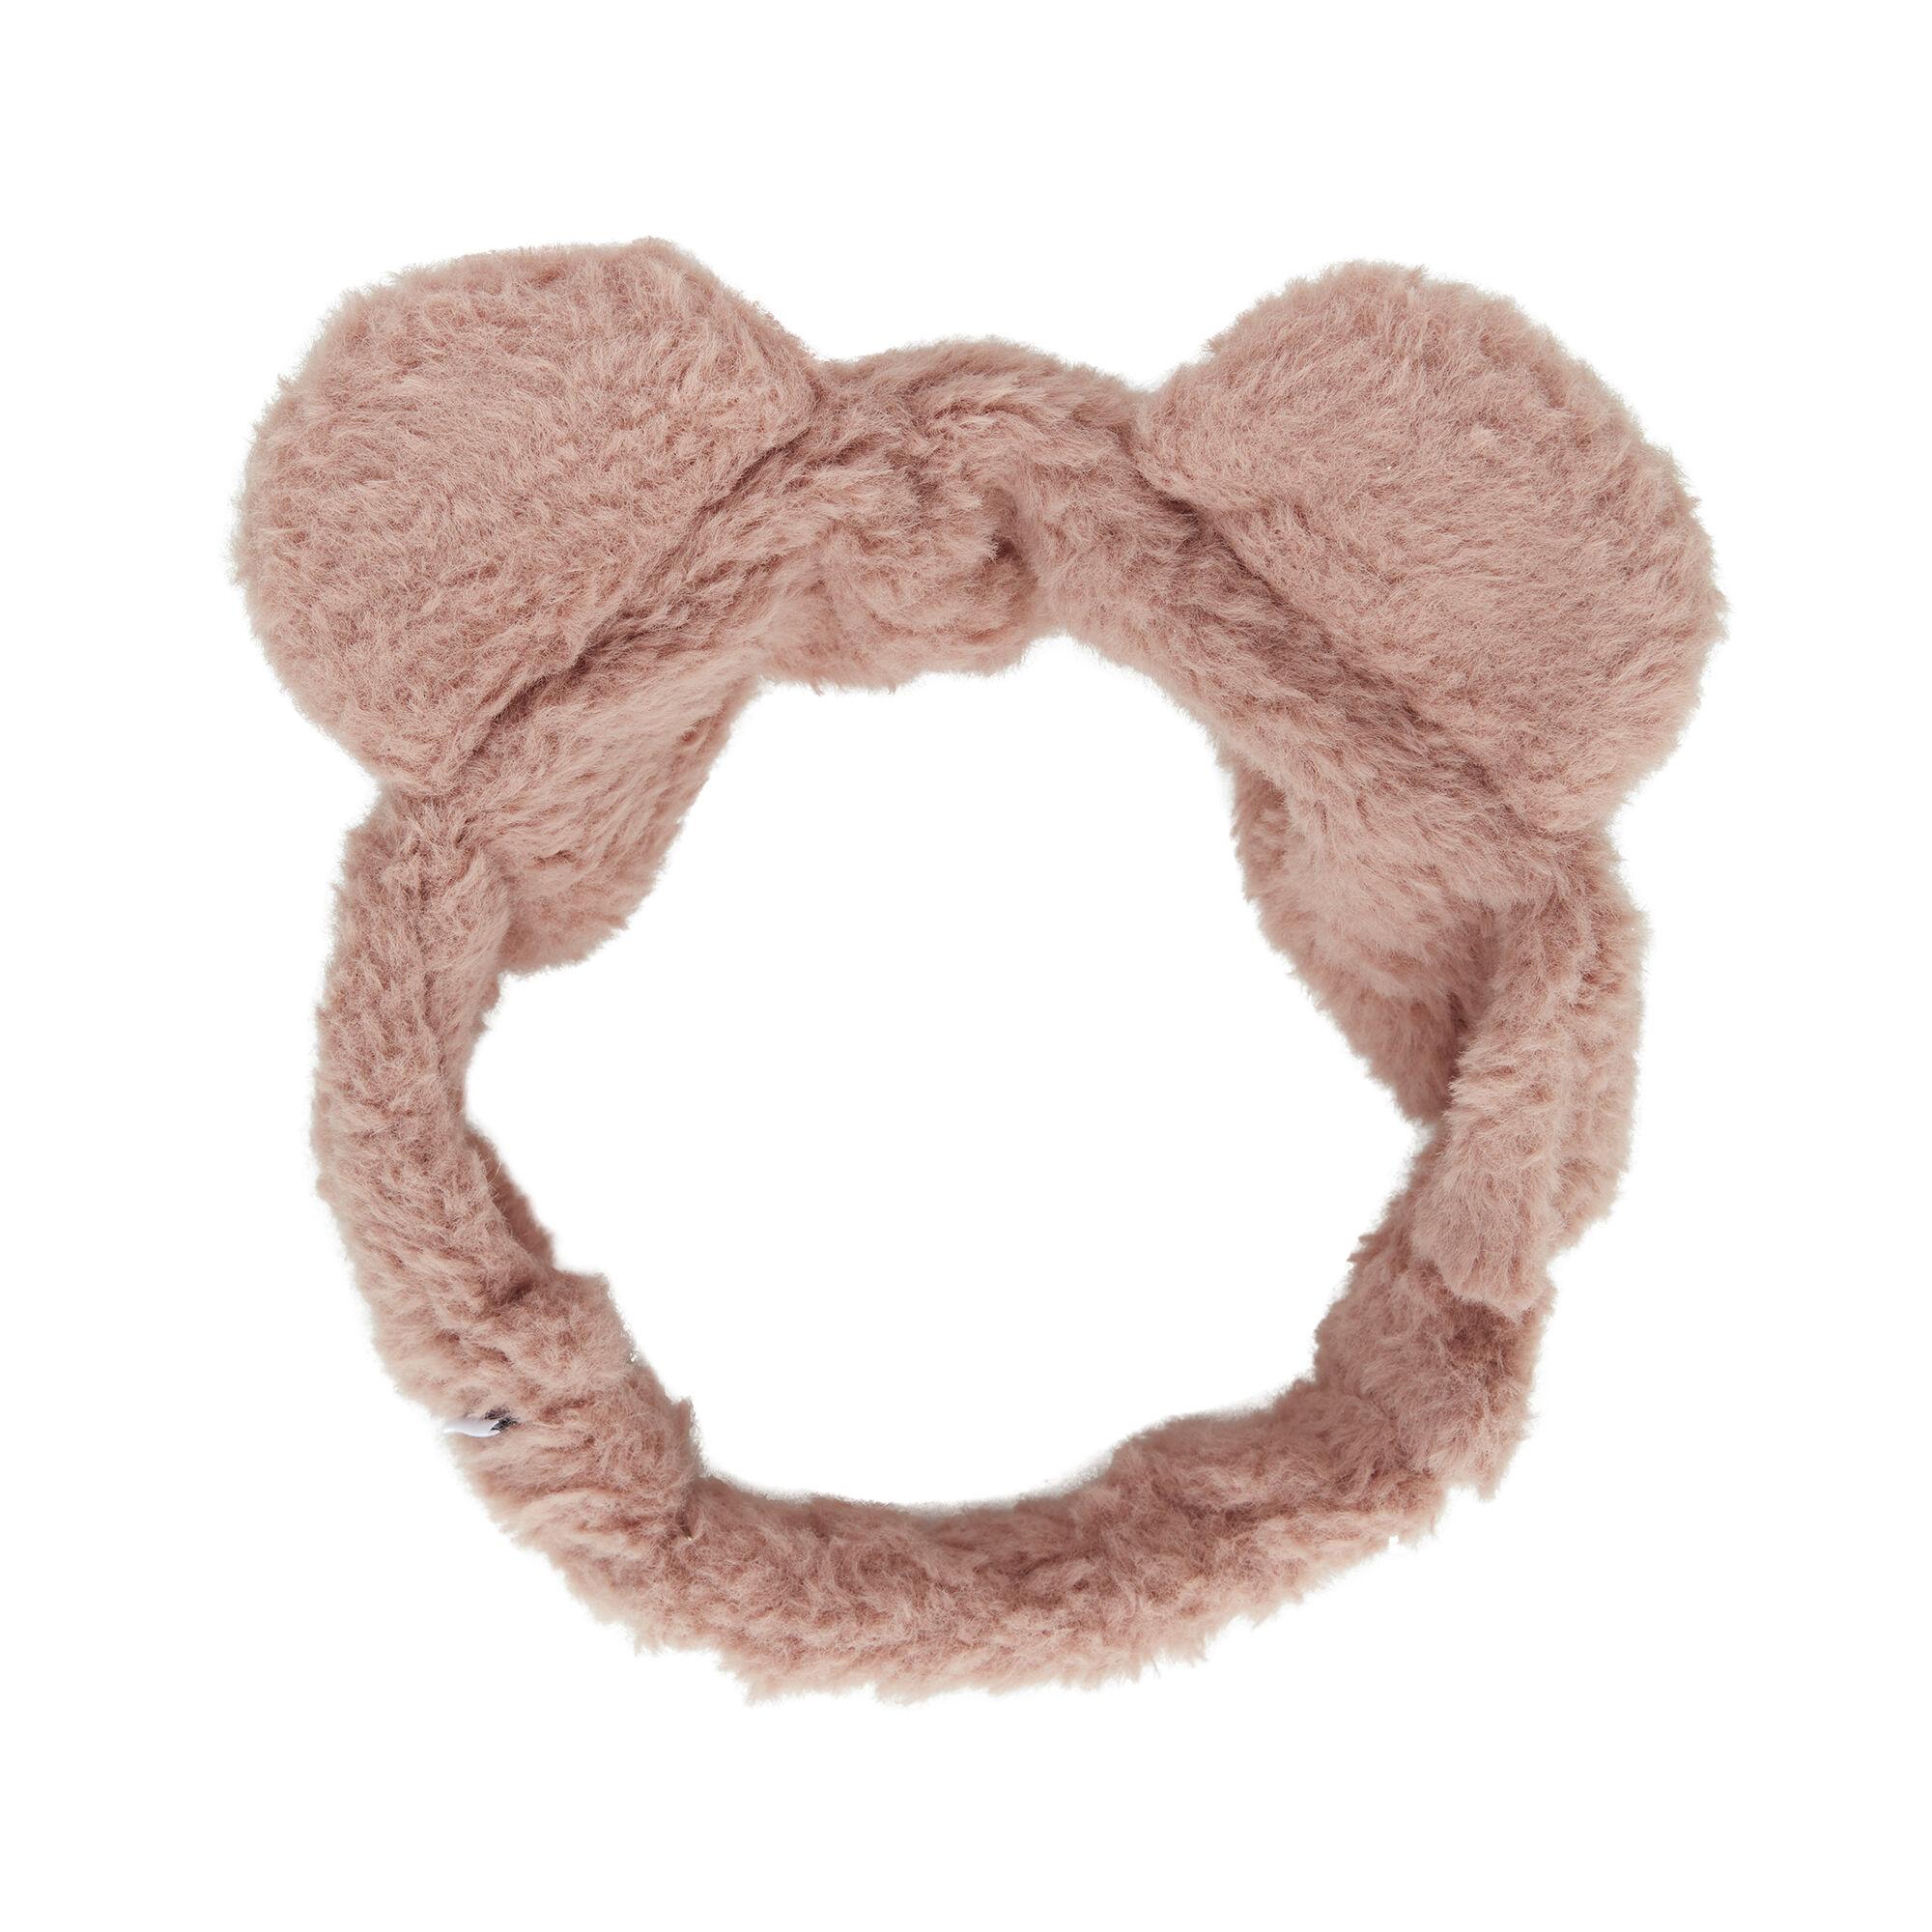 Fuzzy Headband, Dusty Rose